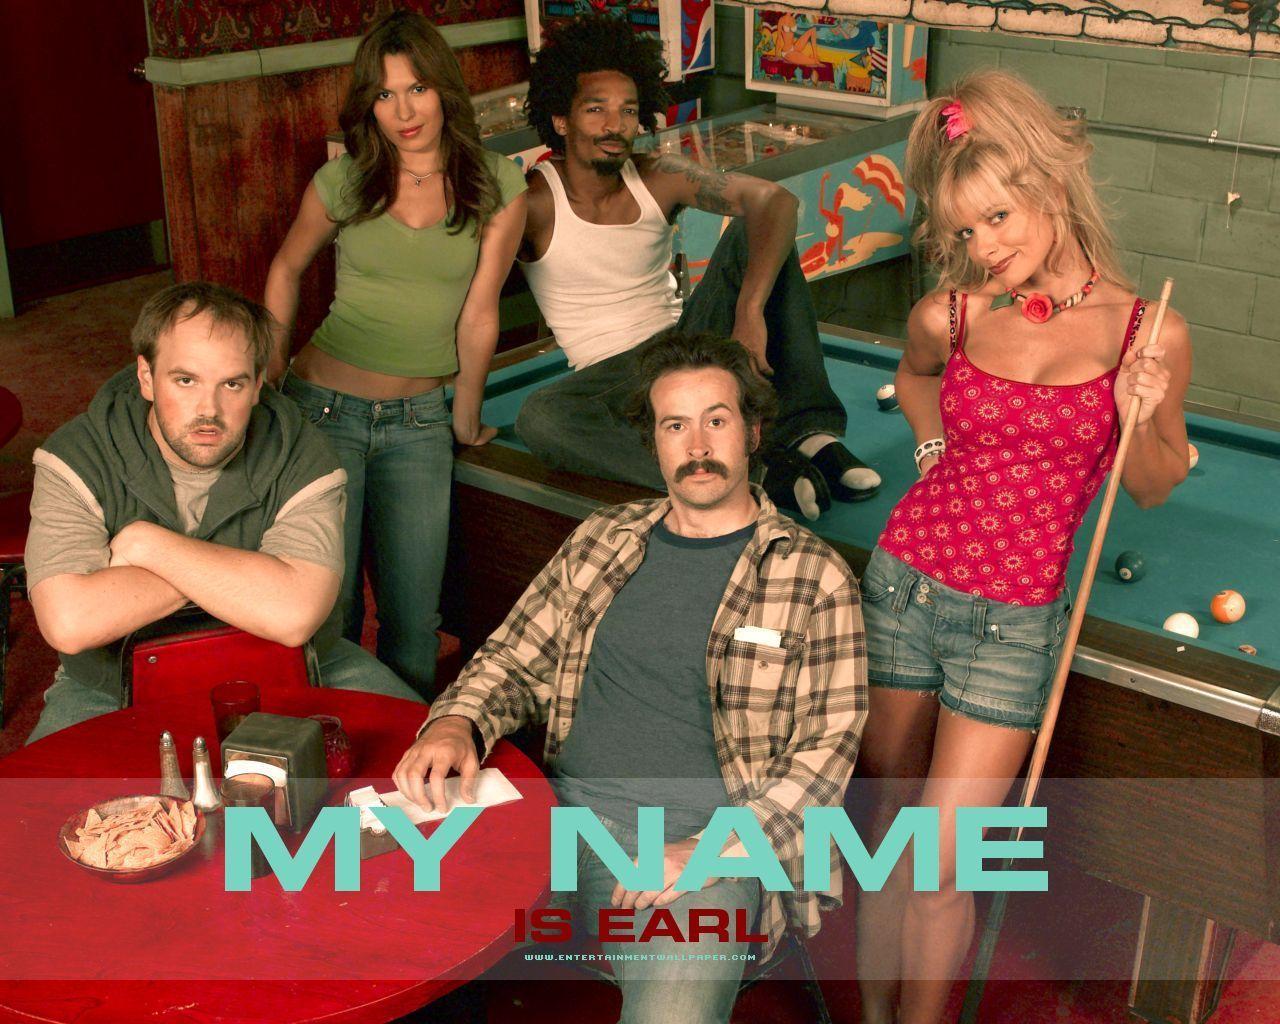 My-Name-is-Earl-my-name-is-earl-1415131-1280-1024